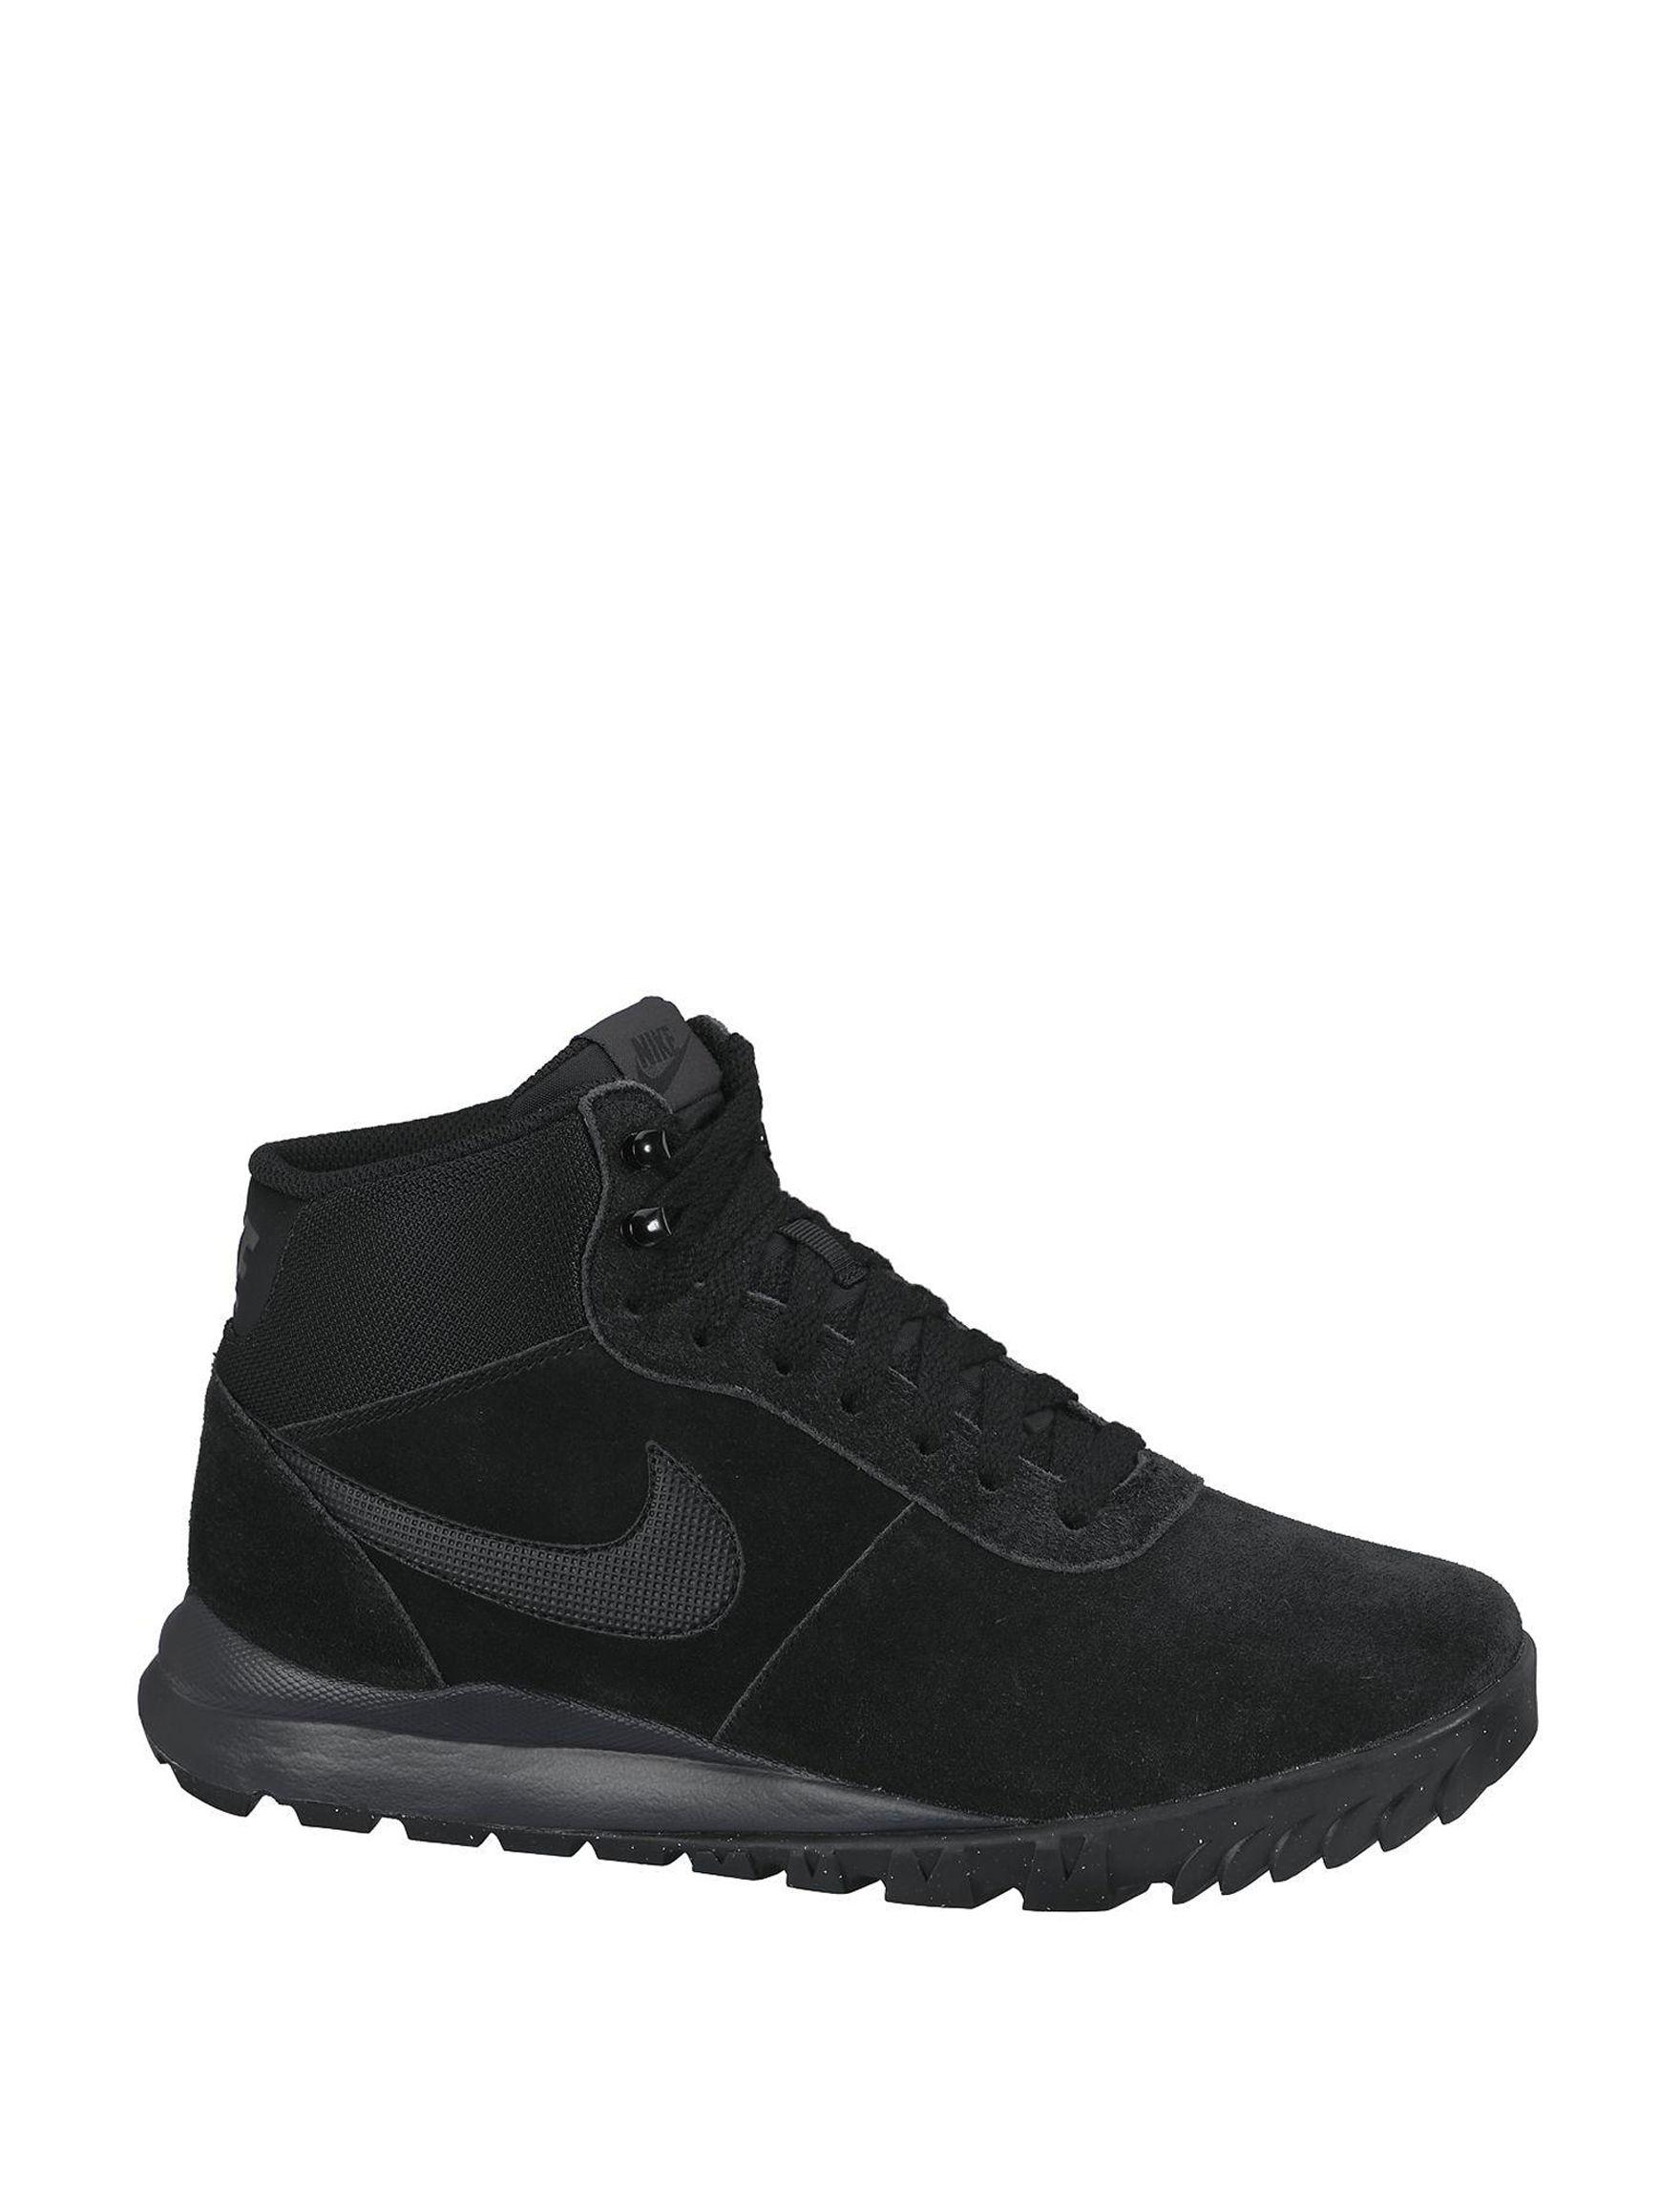 a429da3207d274 Nike Men s Hoodland Suede Winter Shoes